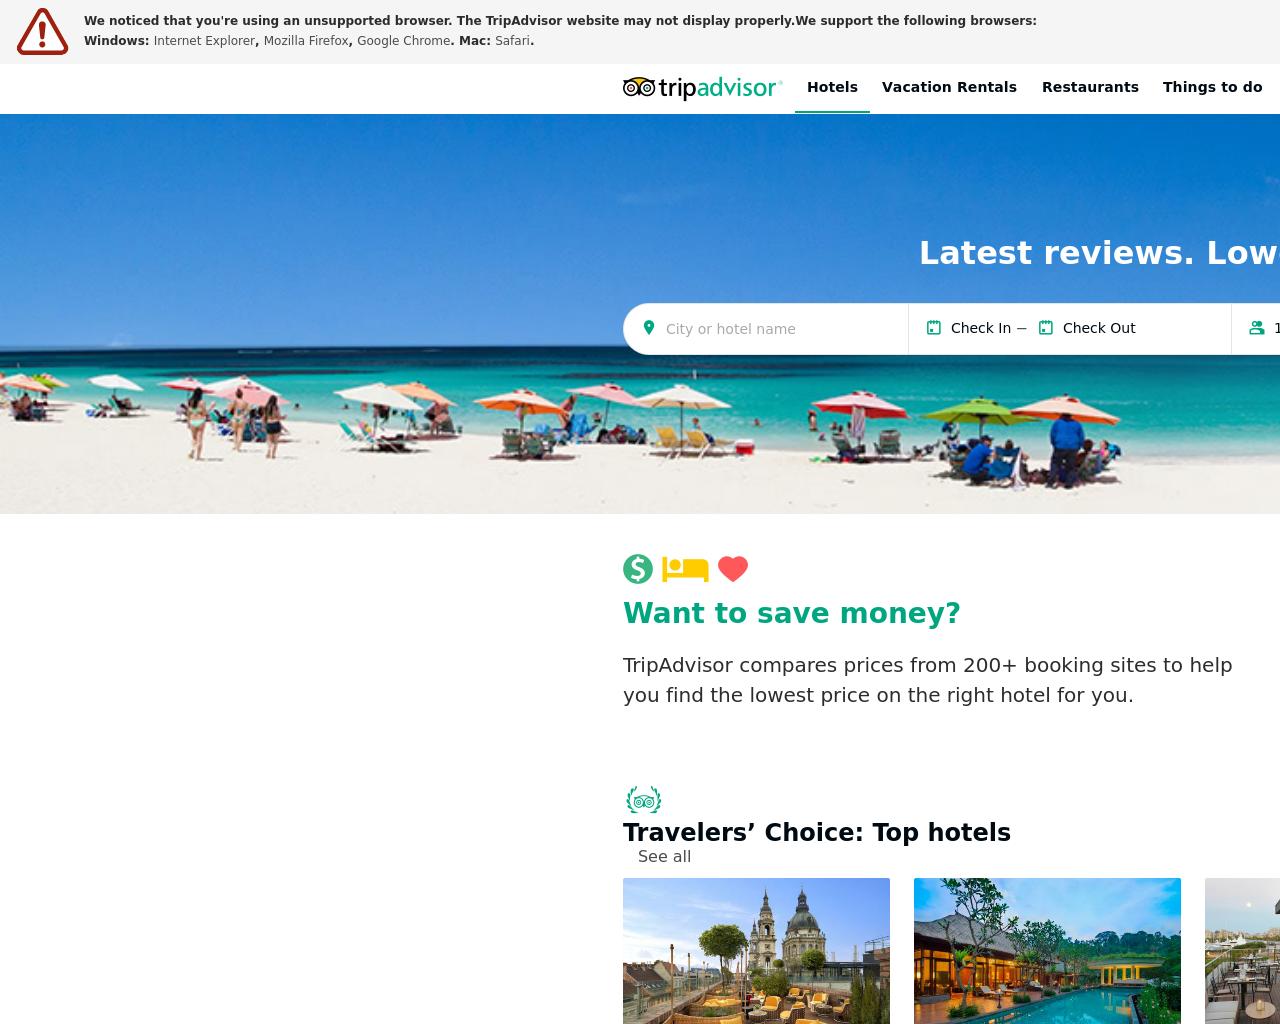 TripAdvisor-Advertising-Reviews-Pricing